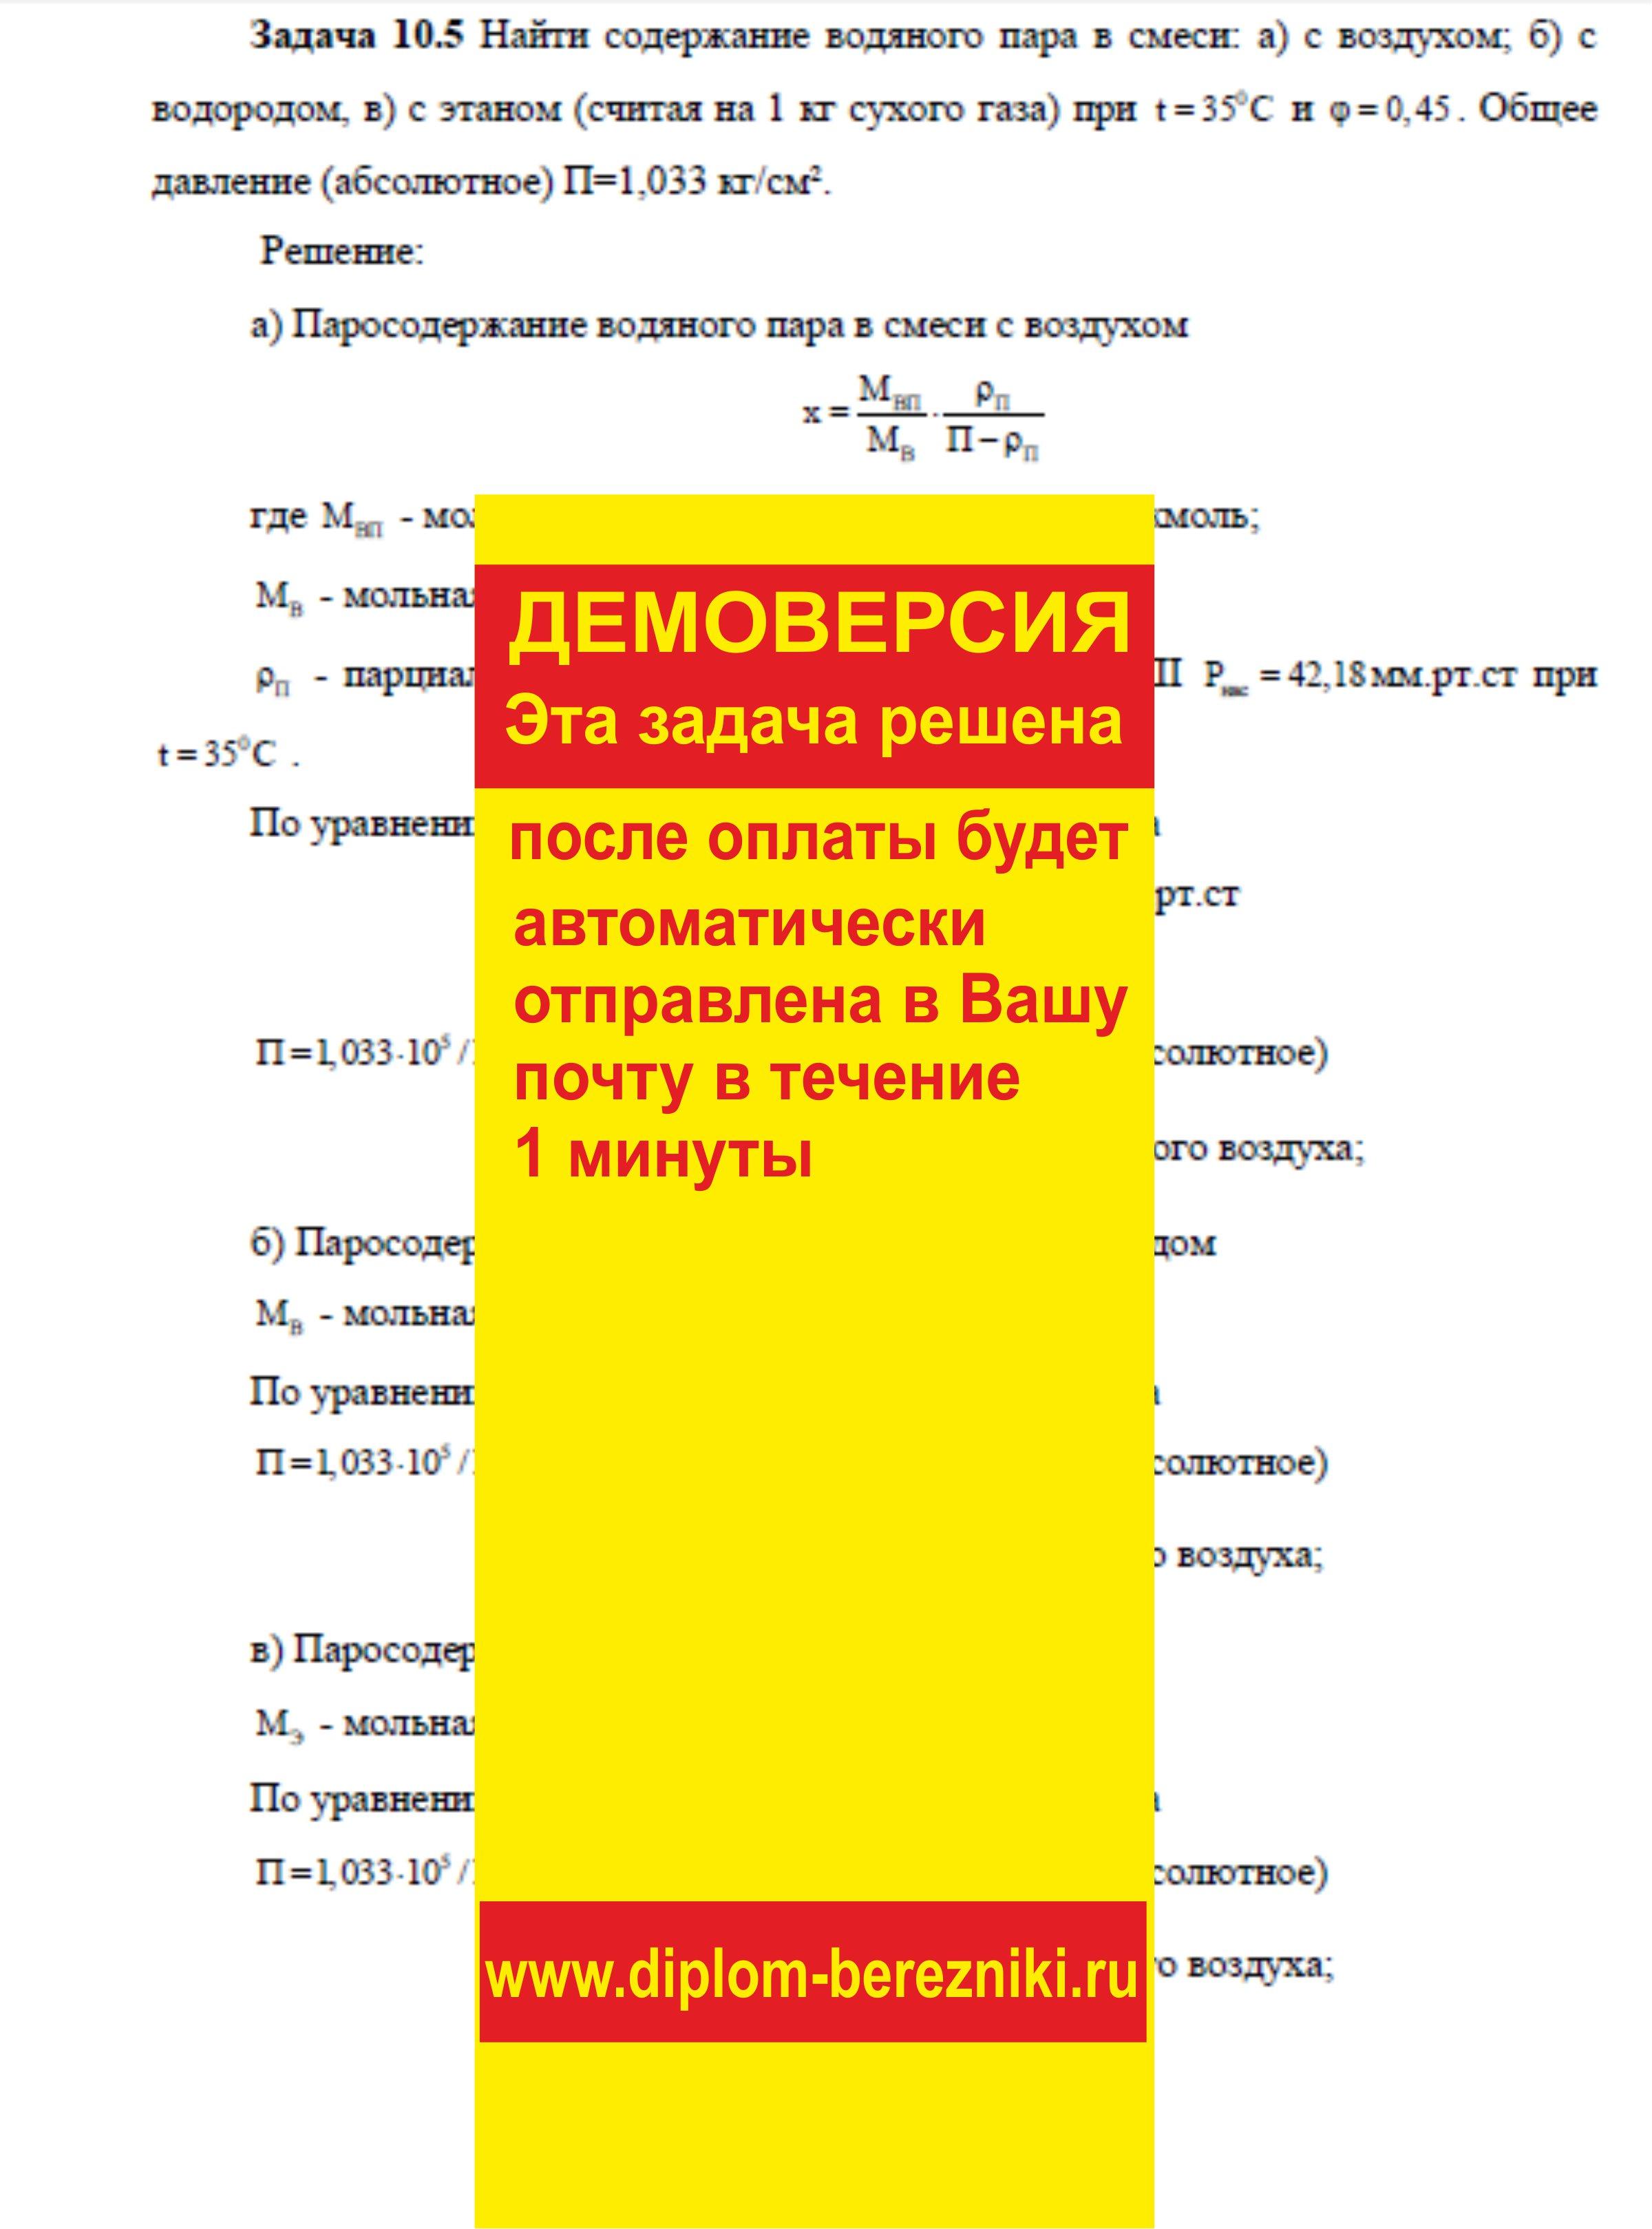 Решение задачи 10.5 по ПАХТ из задачника Павлова Романкова Носкова